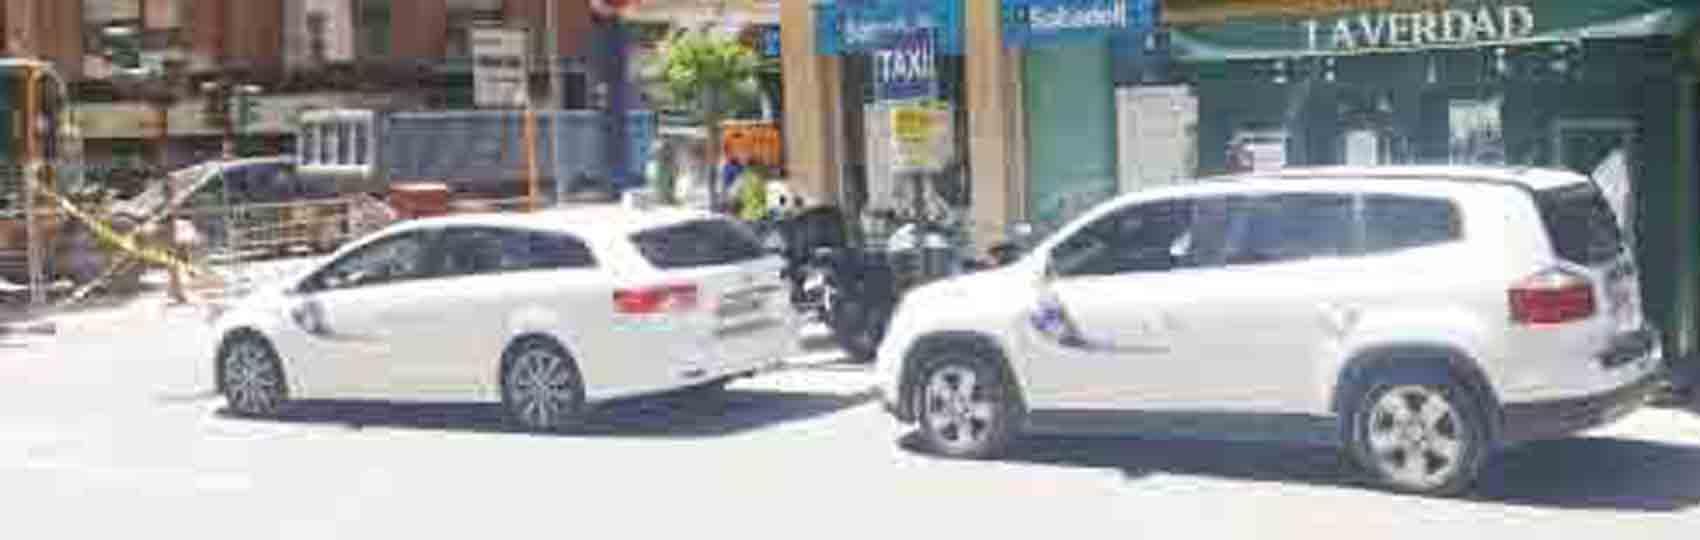 Noticias del sector del taxi y la movilidad en Lorca. Mantente informado de todas las noticias del taxi de Lorca en el grupo de Facebook de Todo Taxi.